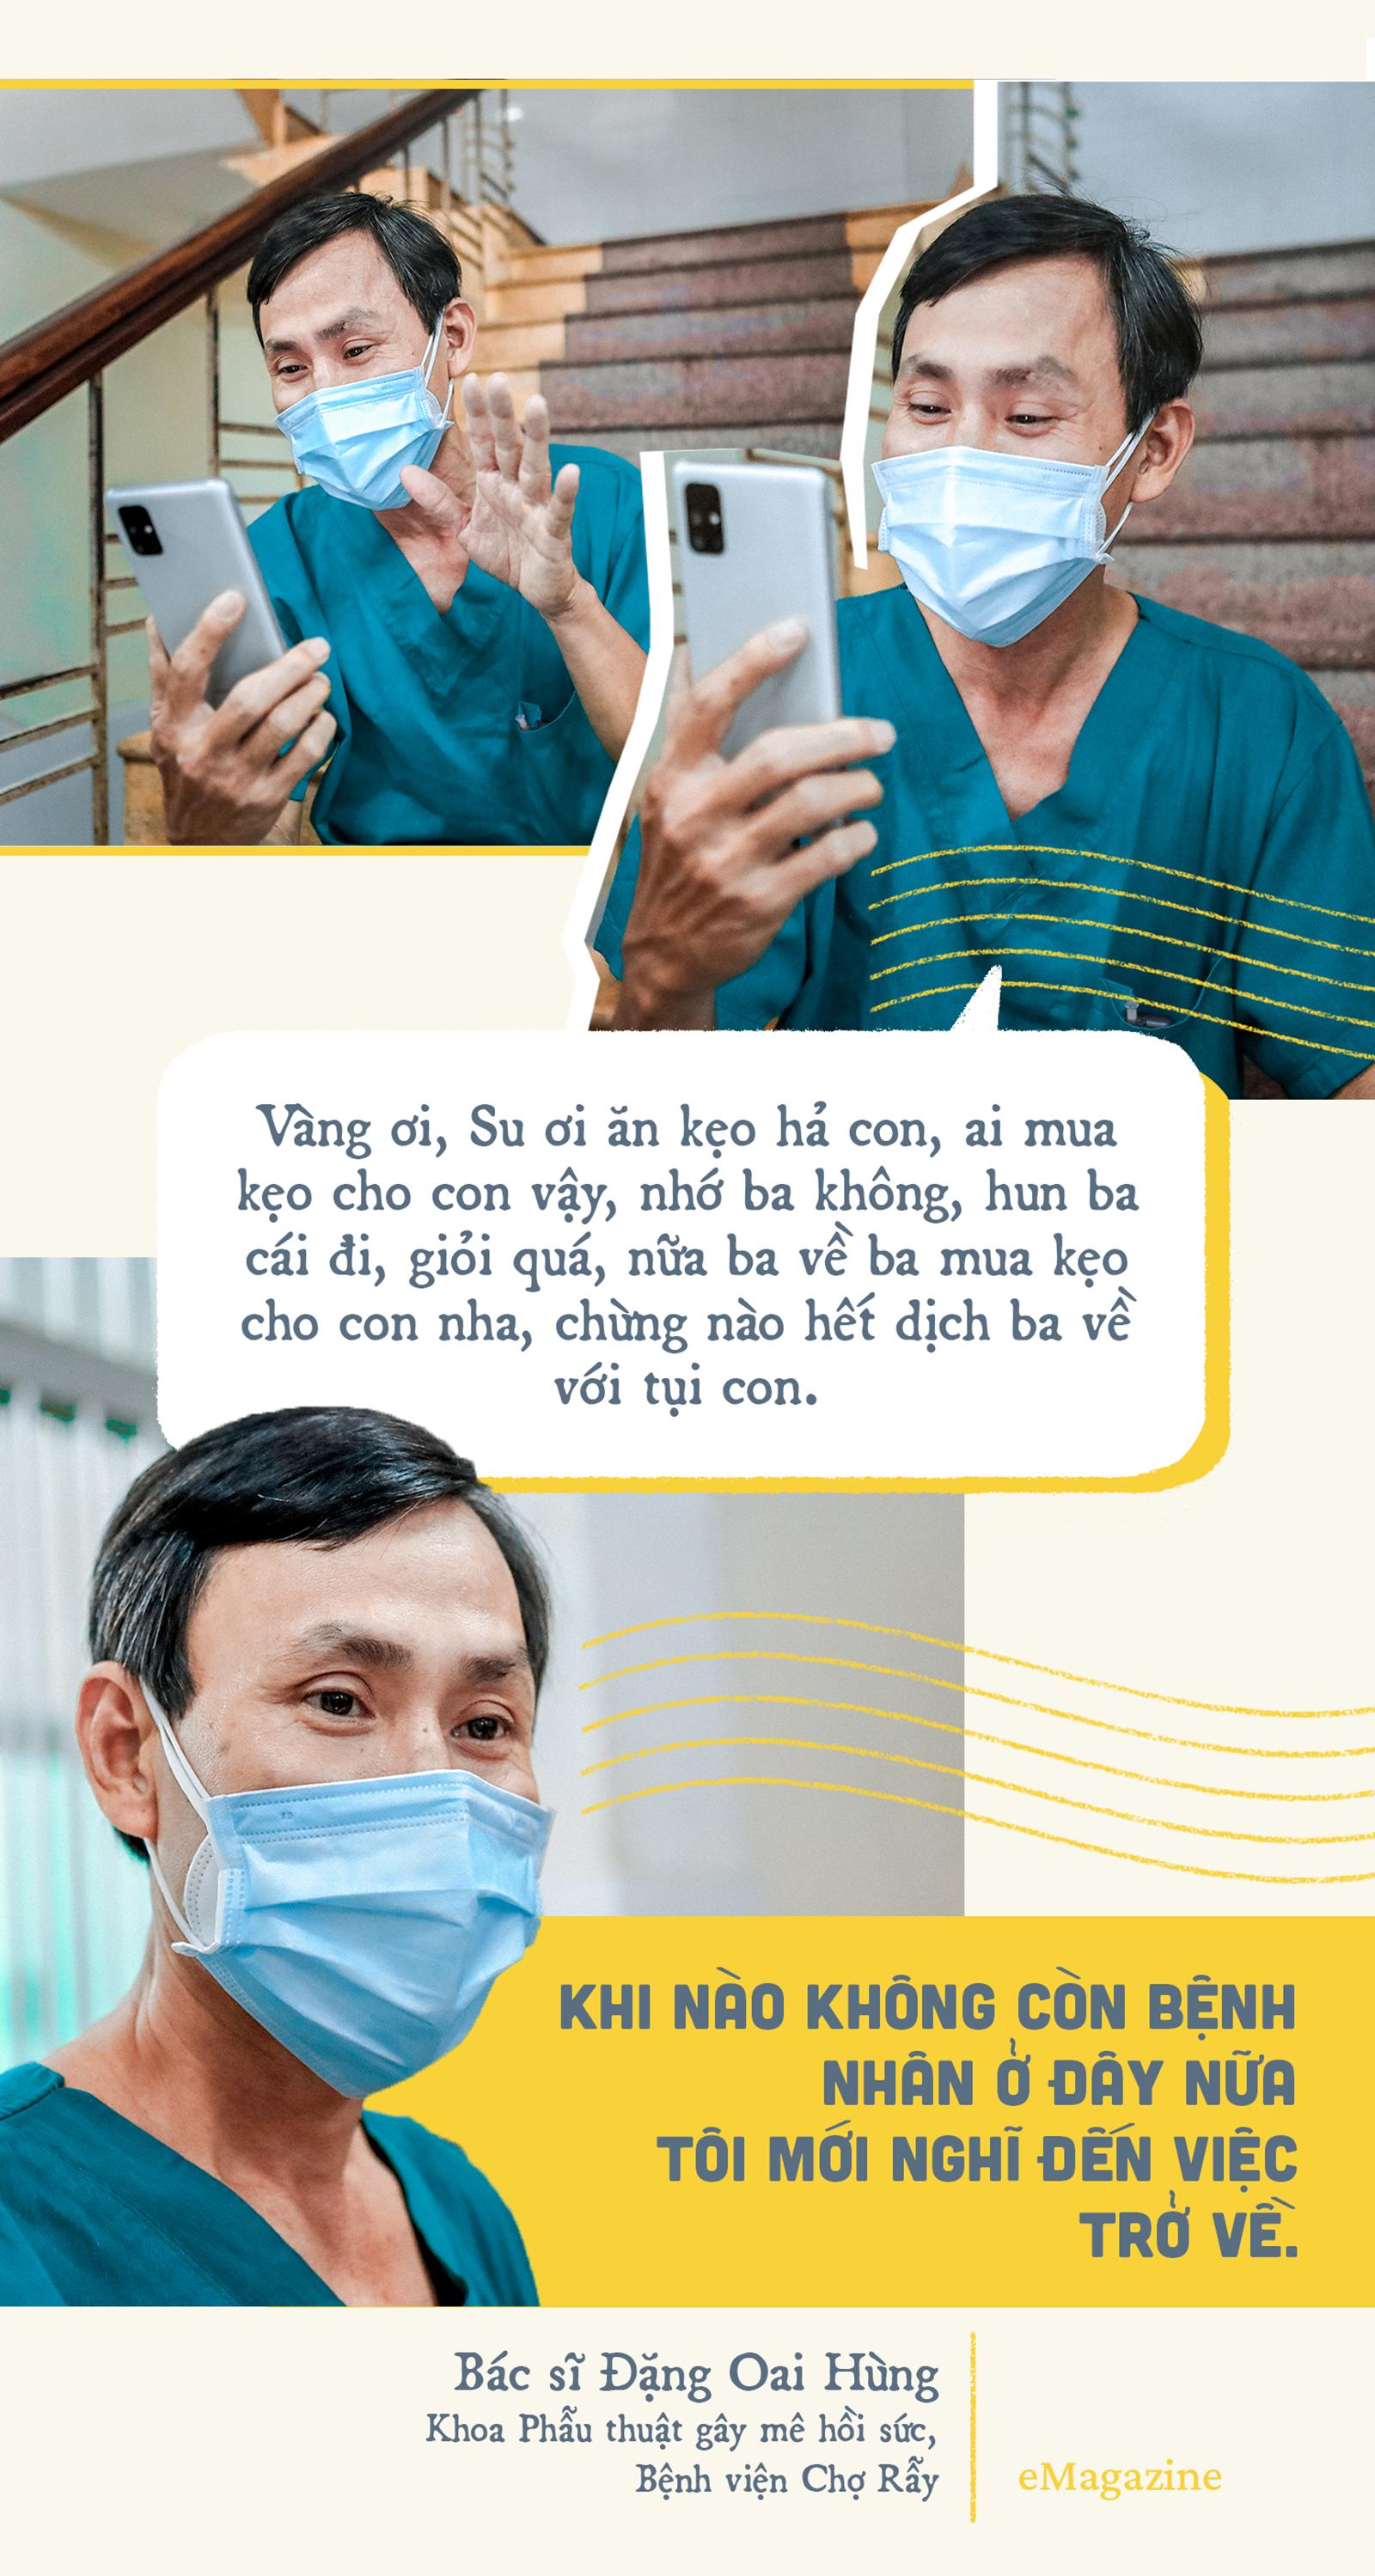 Chuyện Khu điều trị COVID-19: 'Con ở nhà ngoan, ba mẹ đi bắt 'con COVID' rồi về - ảnh 5